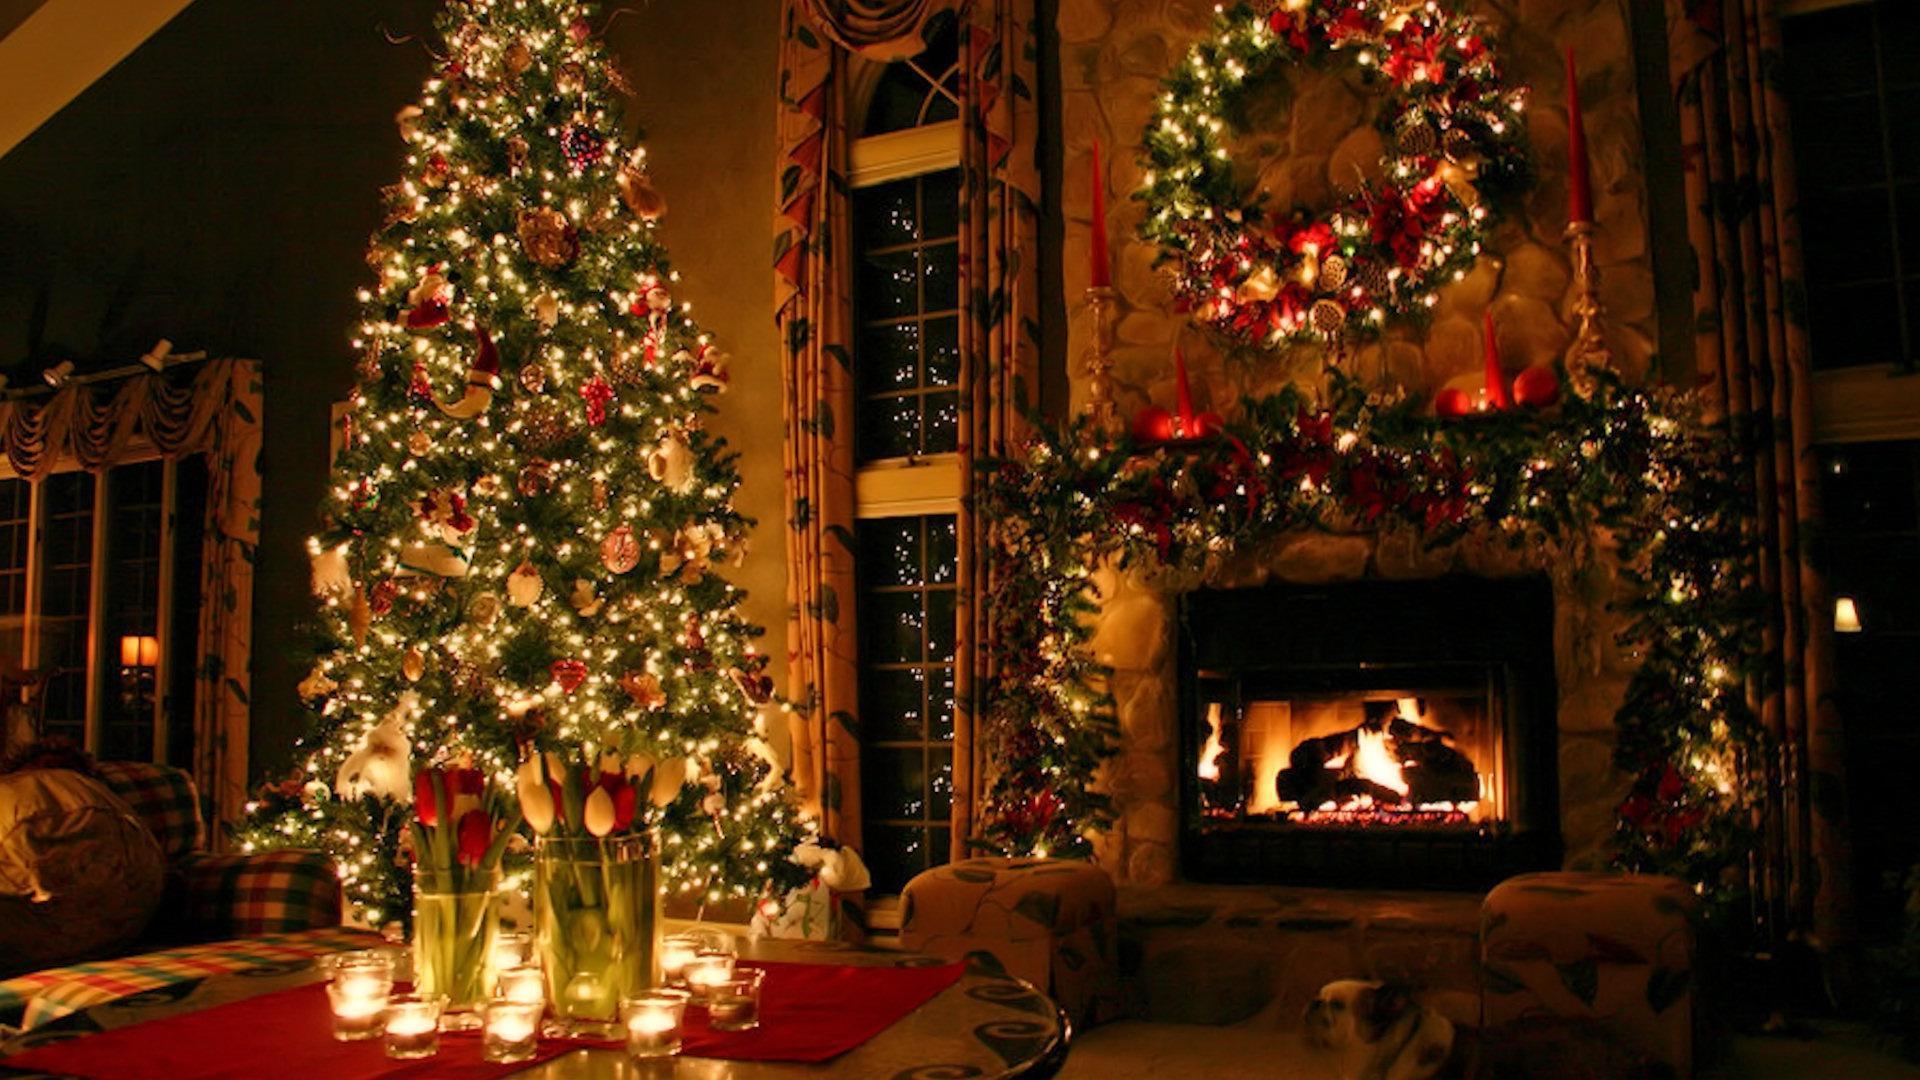 1920x1080 Christmas Pc Hình nền JnsrmgkSB I Journal 1920x1080 (1371,9 KB)